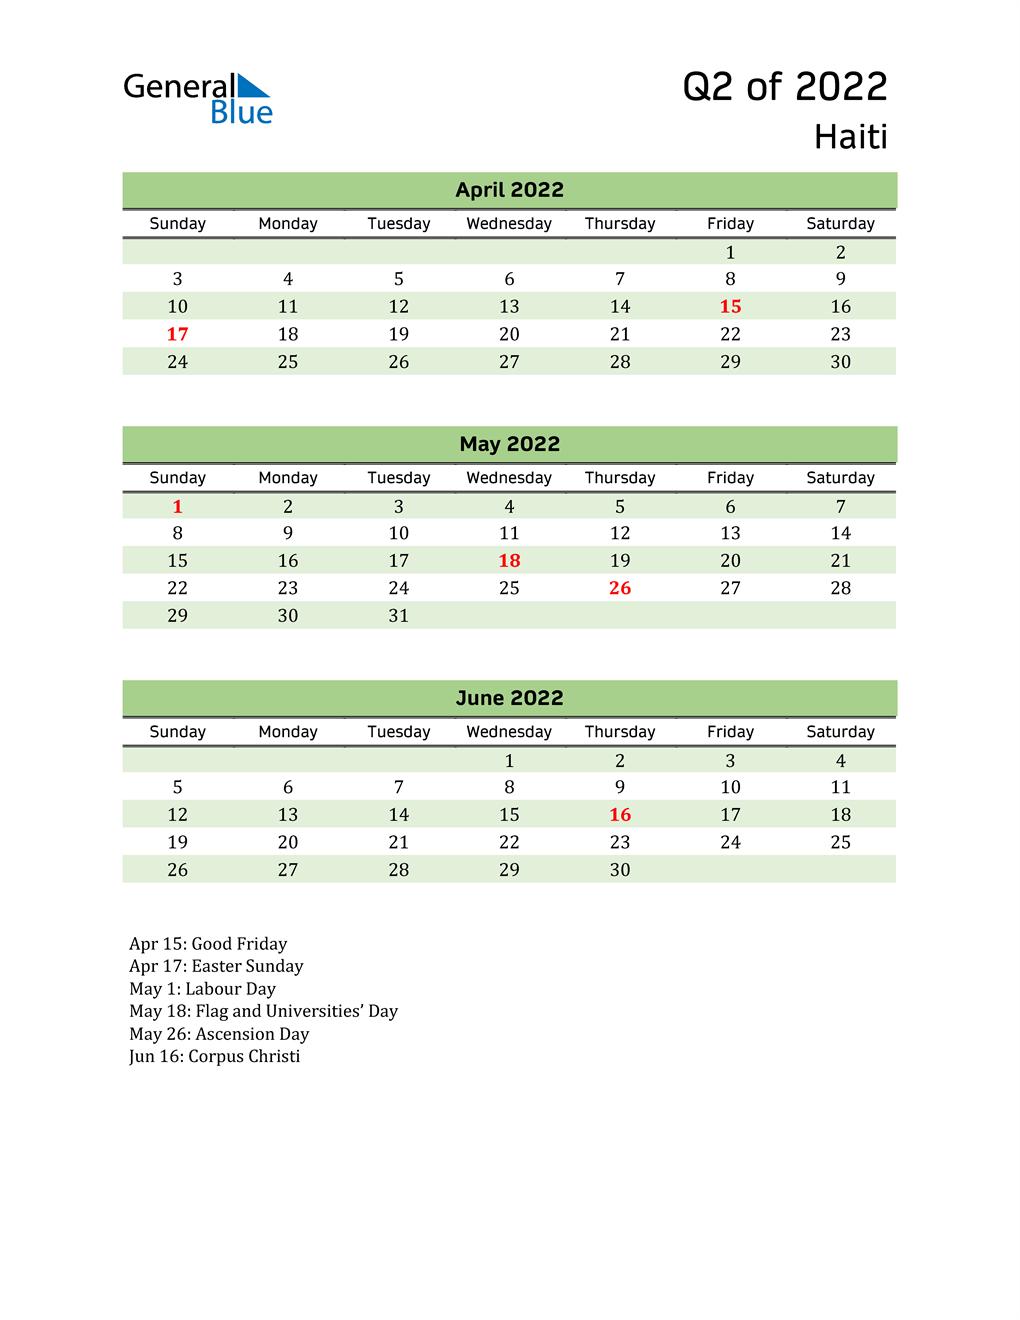 Quarterly Calendar 2022 with Haiti Holidays